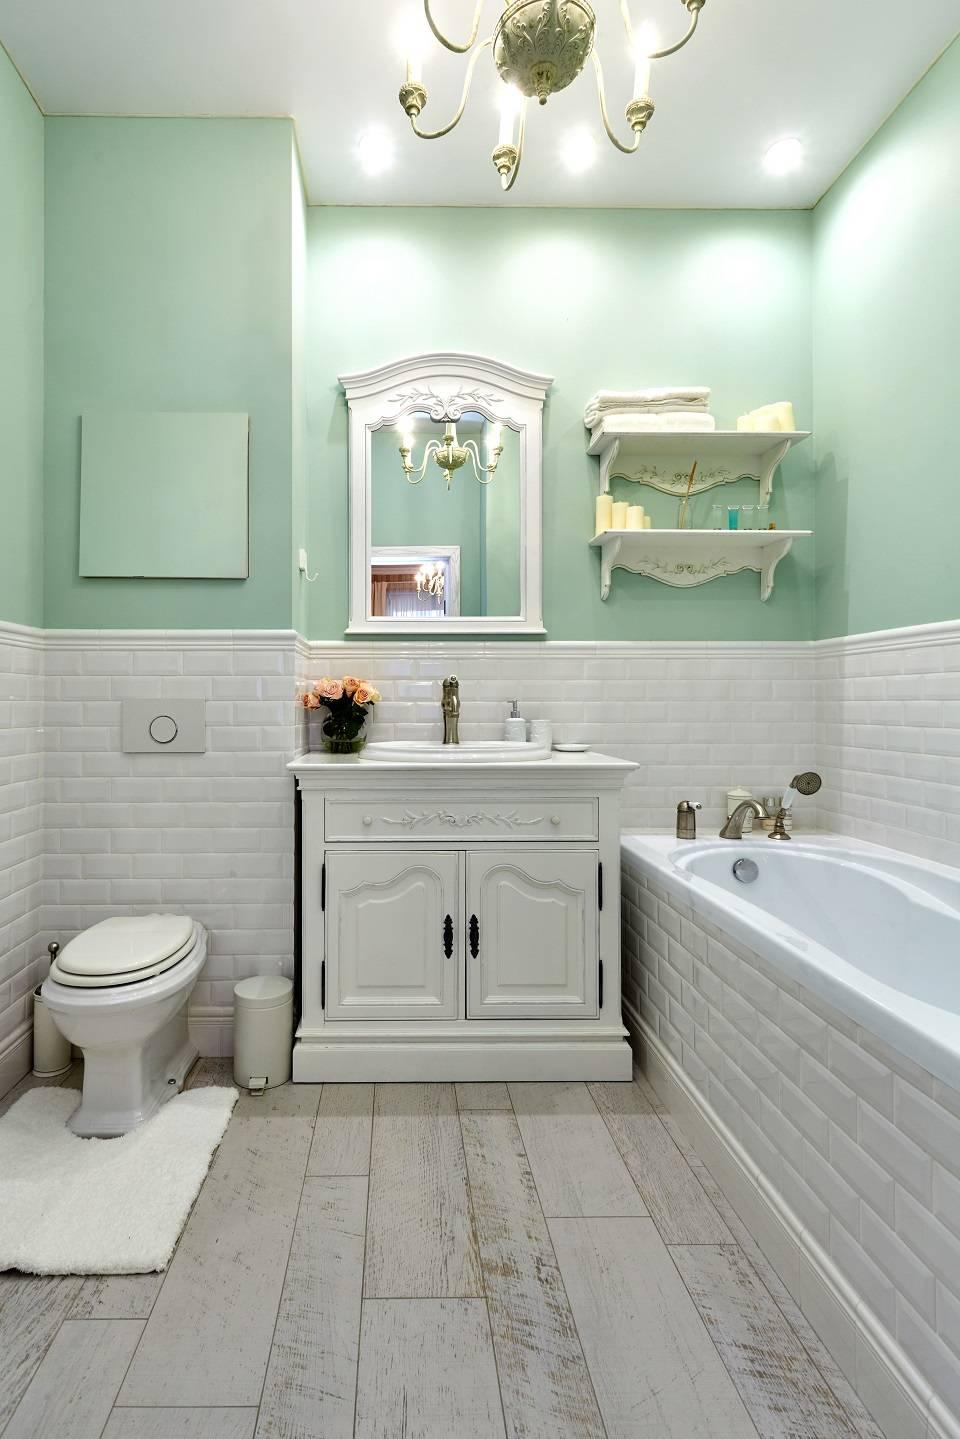 Ванная комната в стиле прованс - фото интерьера ванной комнаты